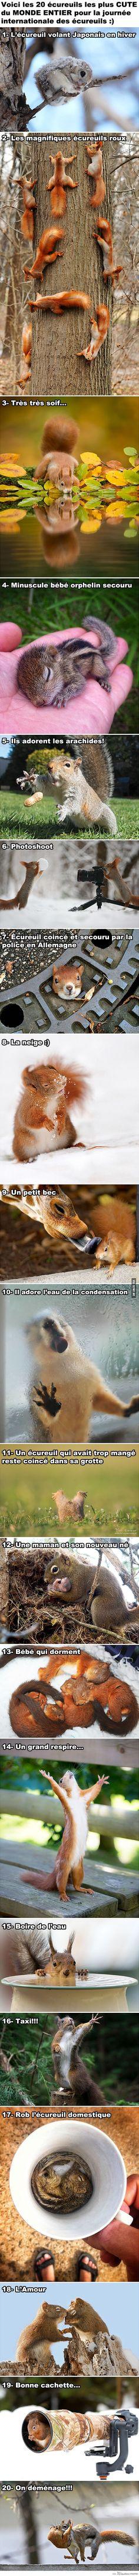 Aujourd'hui c'est la Journée Internationale des Écureuils. À tous ceux et celles qui adorent les animaux... voici 20 écureuils adorables et merveilleux :)